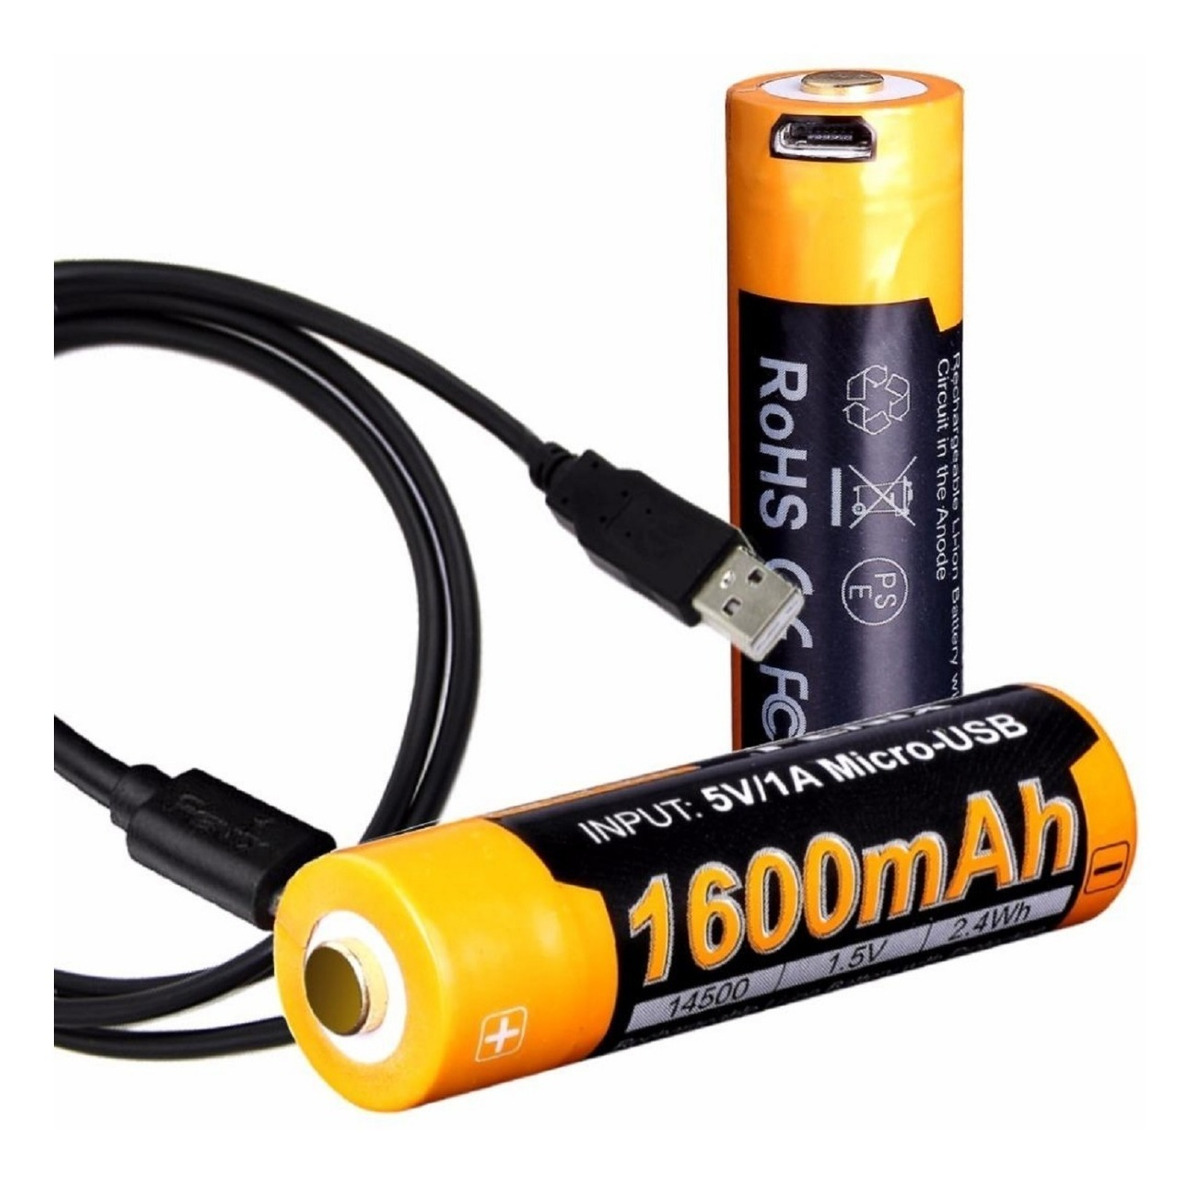 80f4509745d Bateria Recargable Aa Usb Fenix Arb-l14 1600mah 14500 1.5v - $ 700 ...